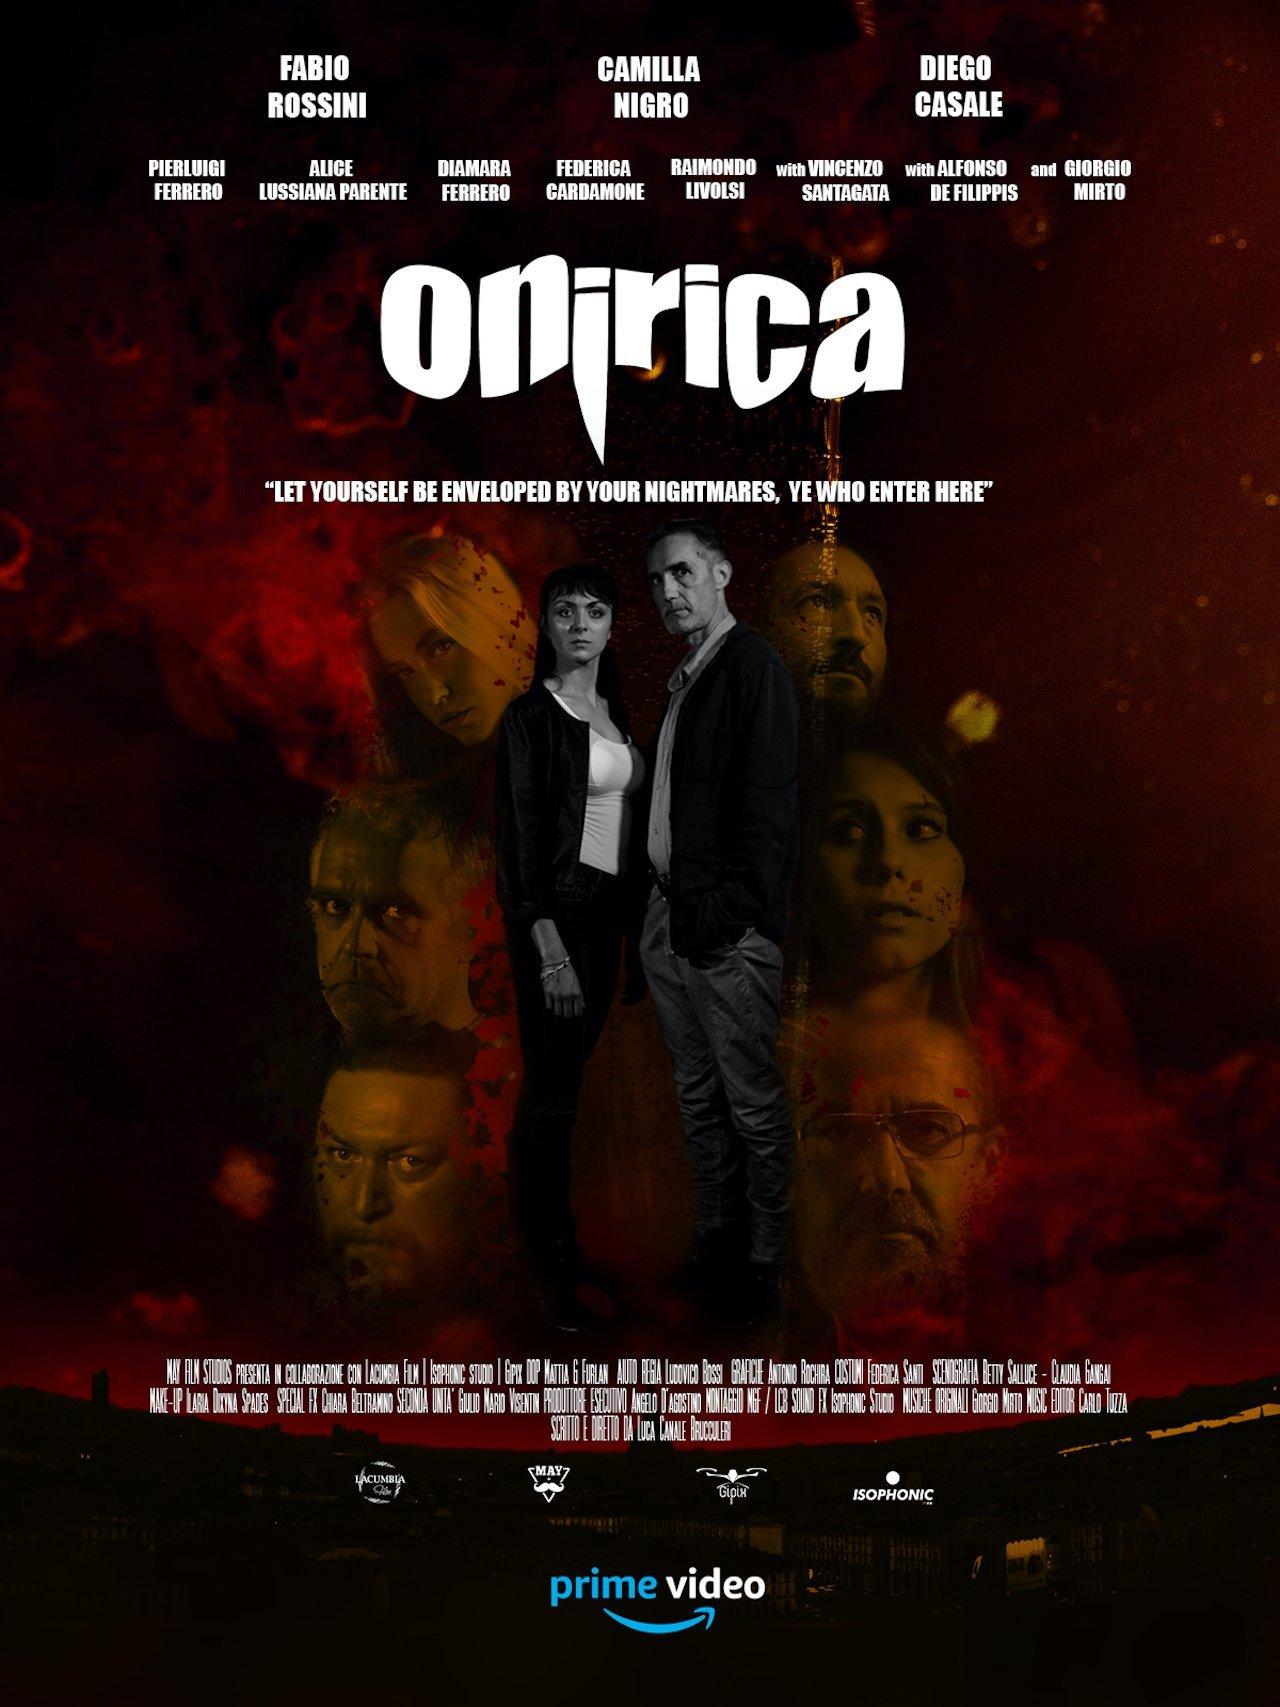 onirica cinematographe.it